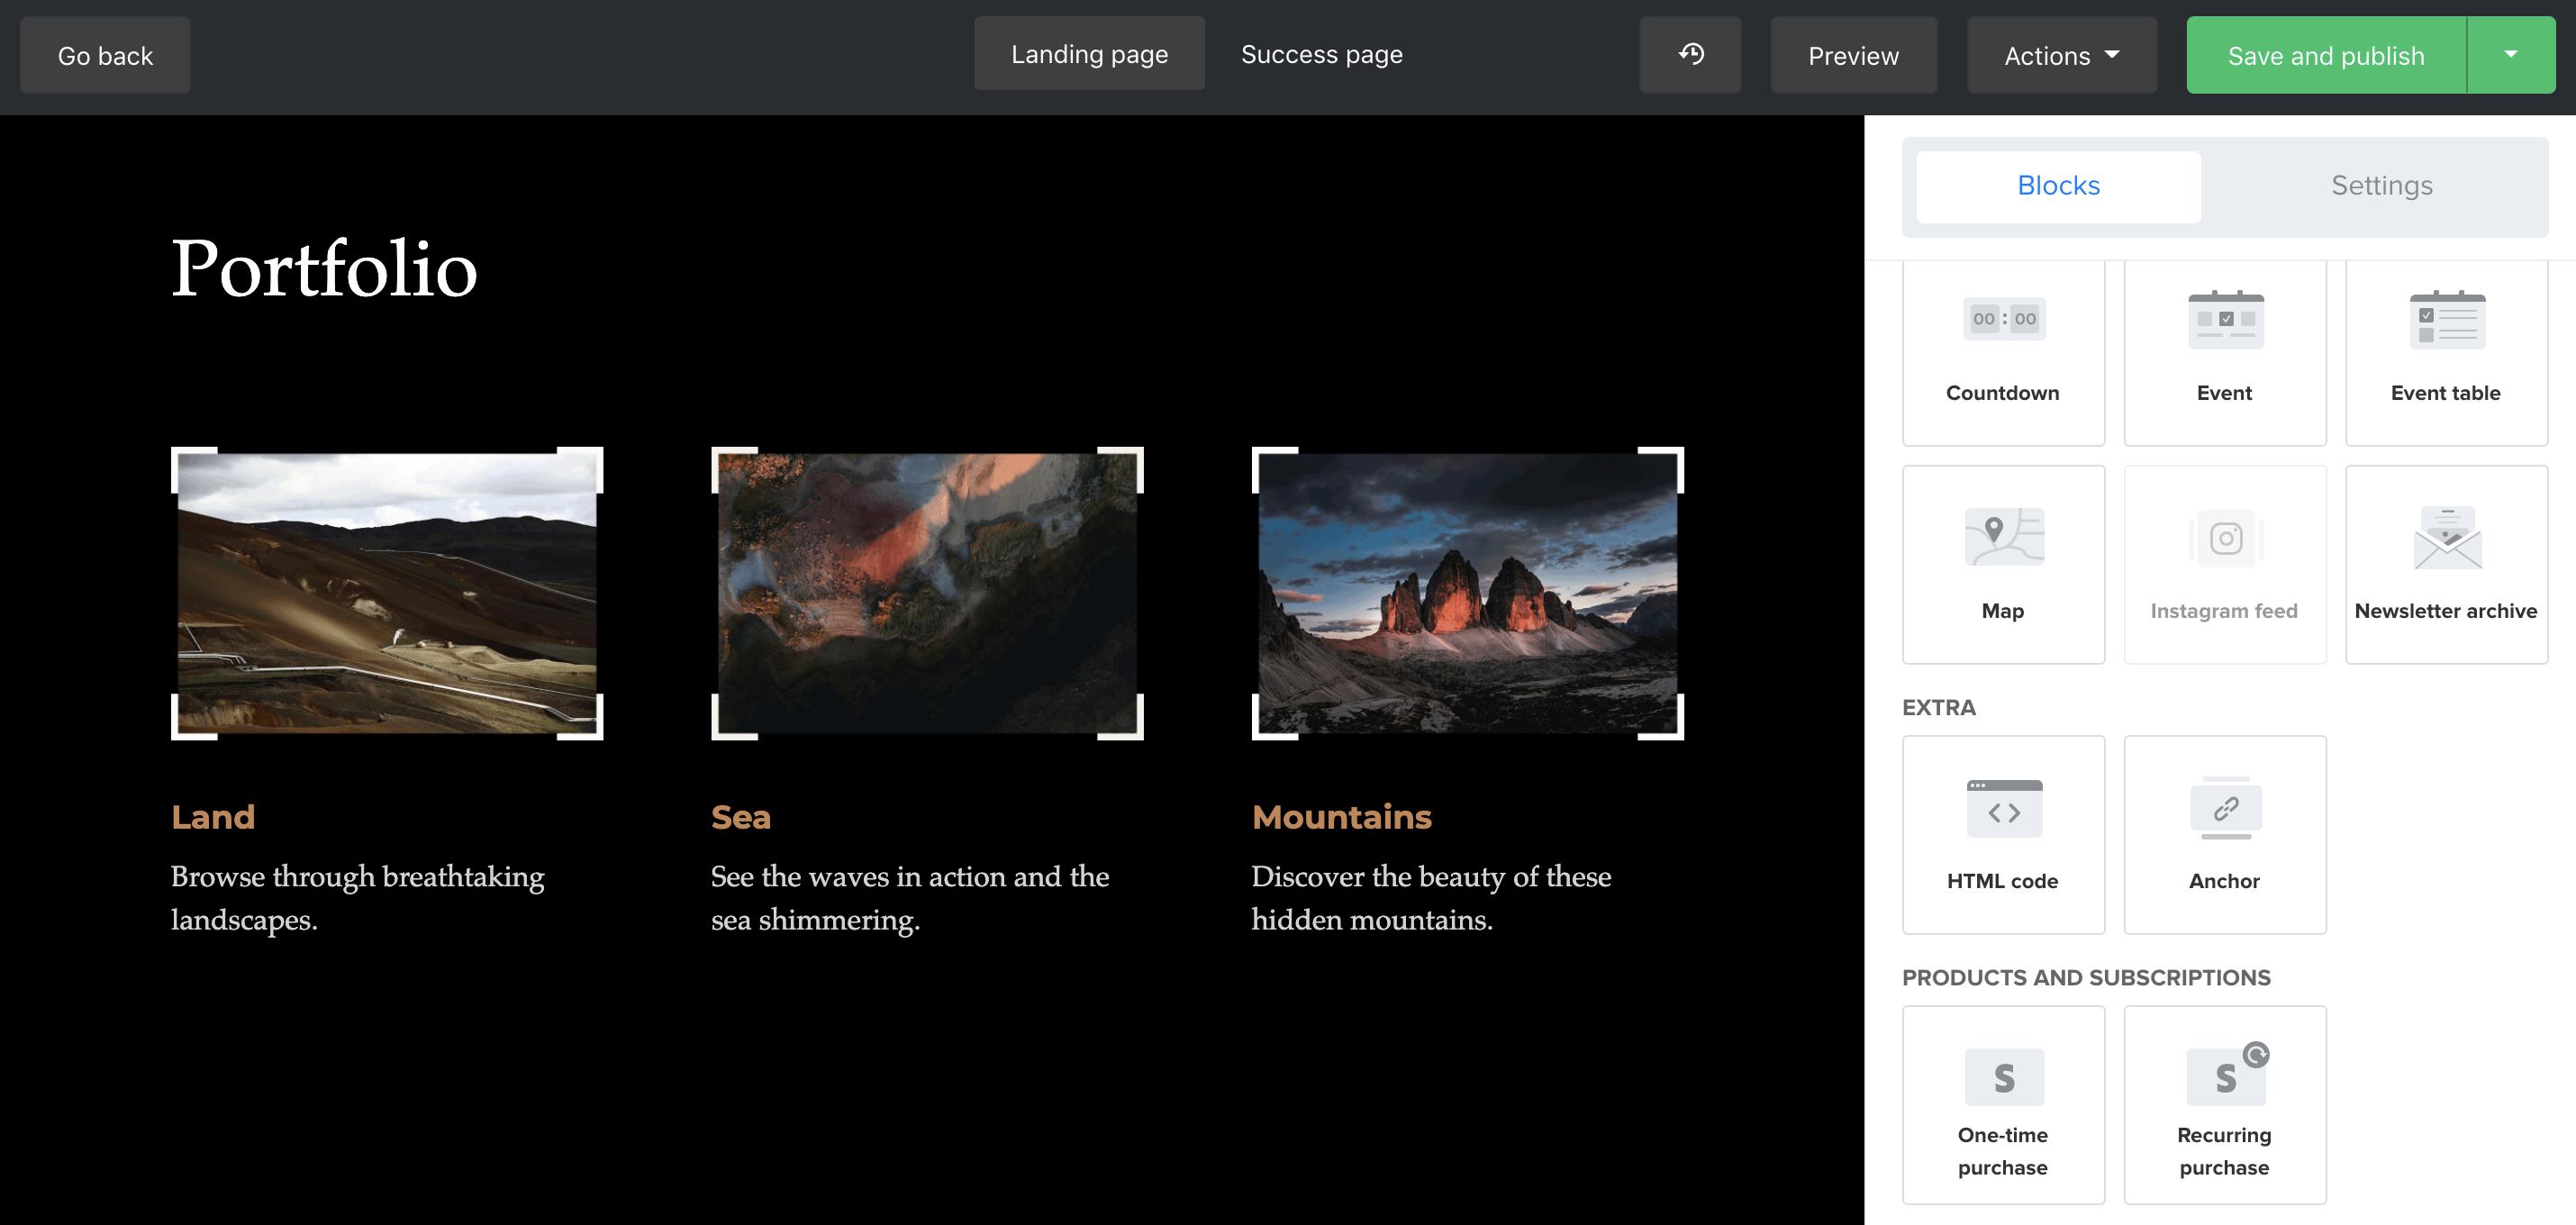 MailerLite screenshot: Landing page editor